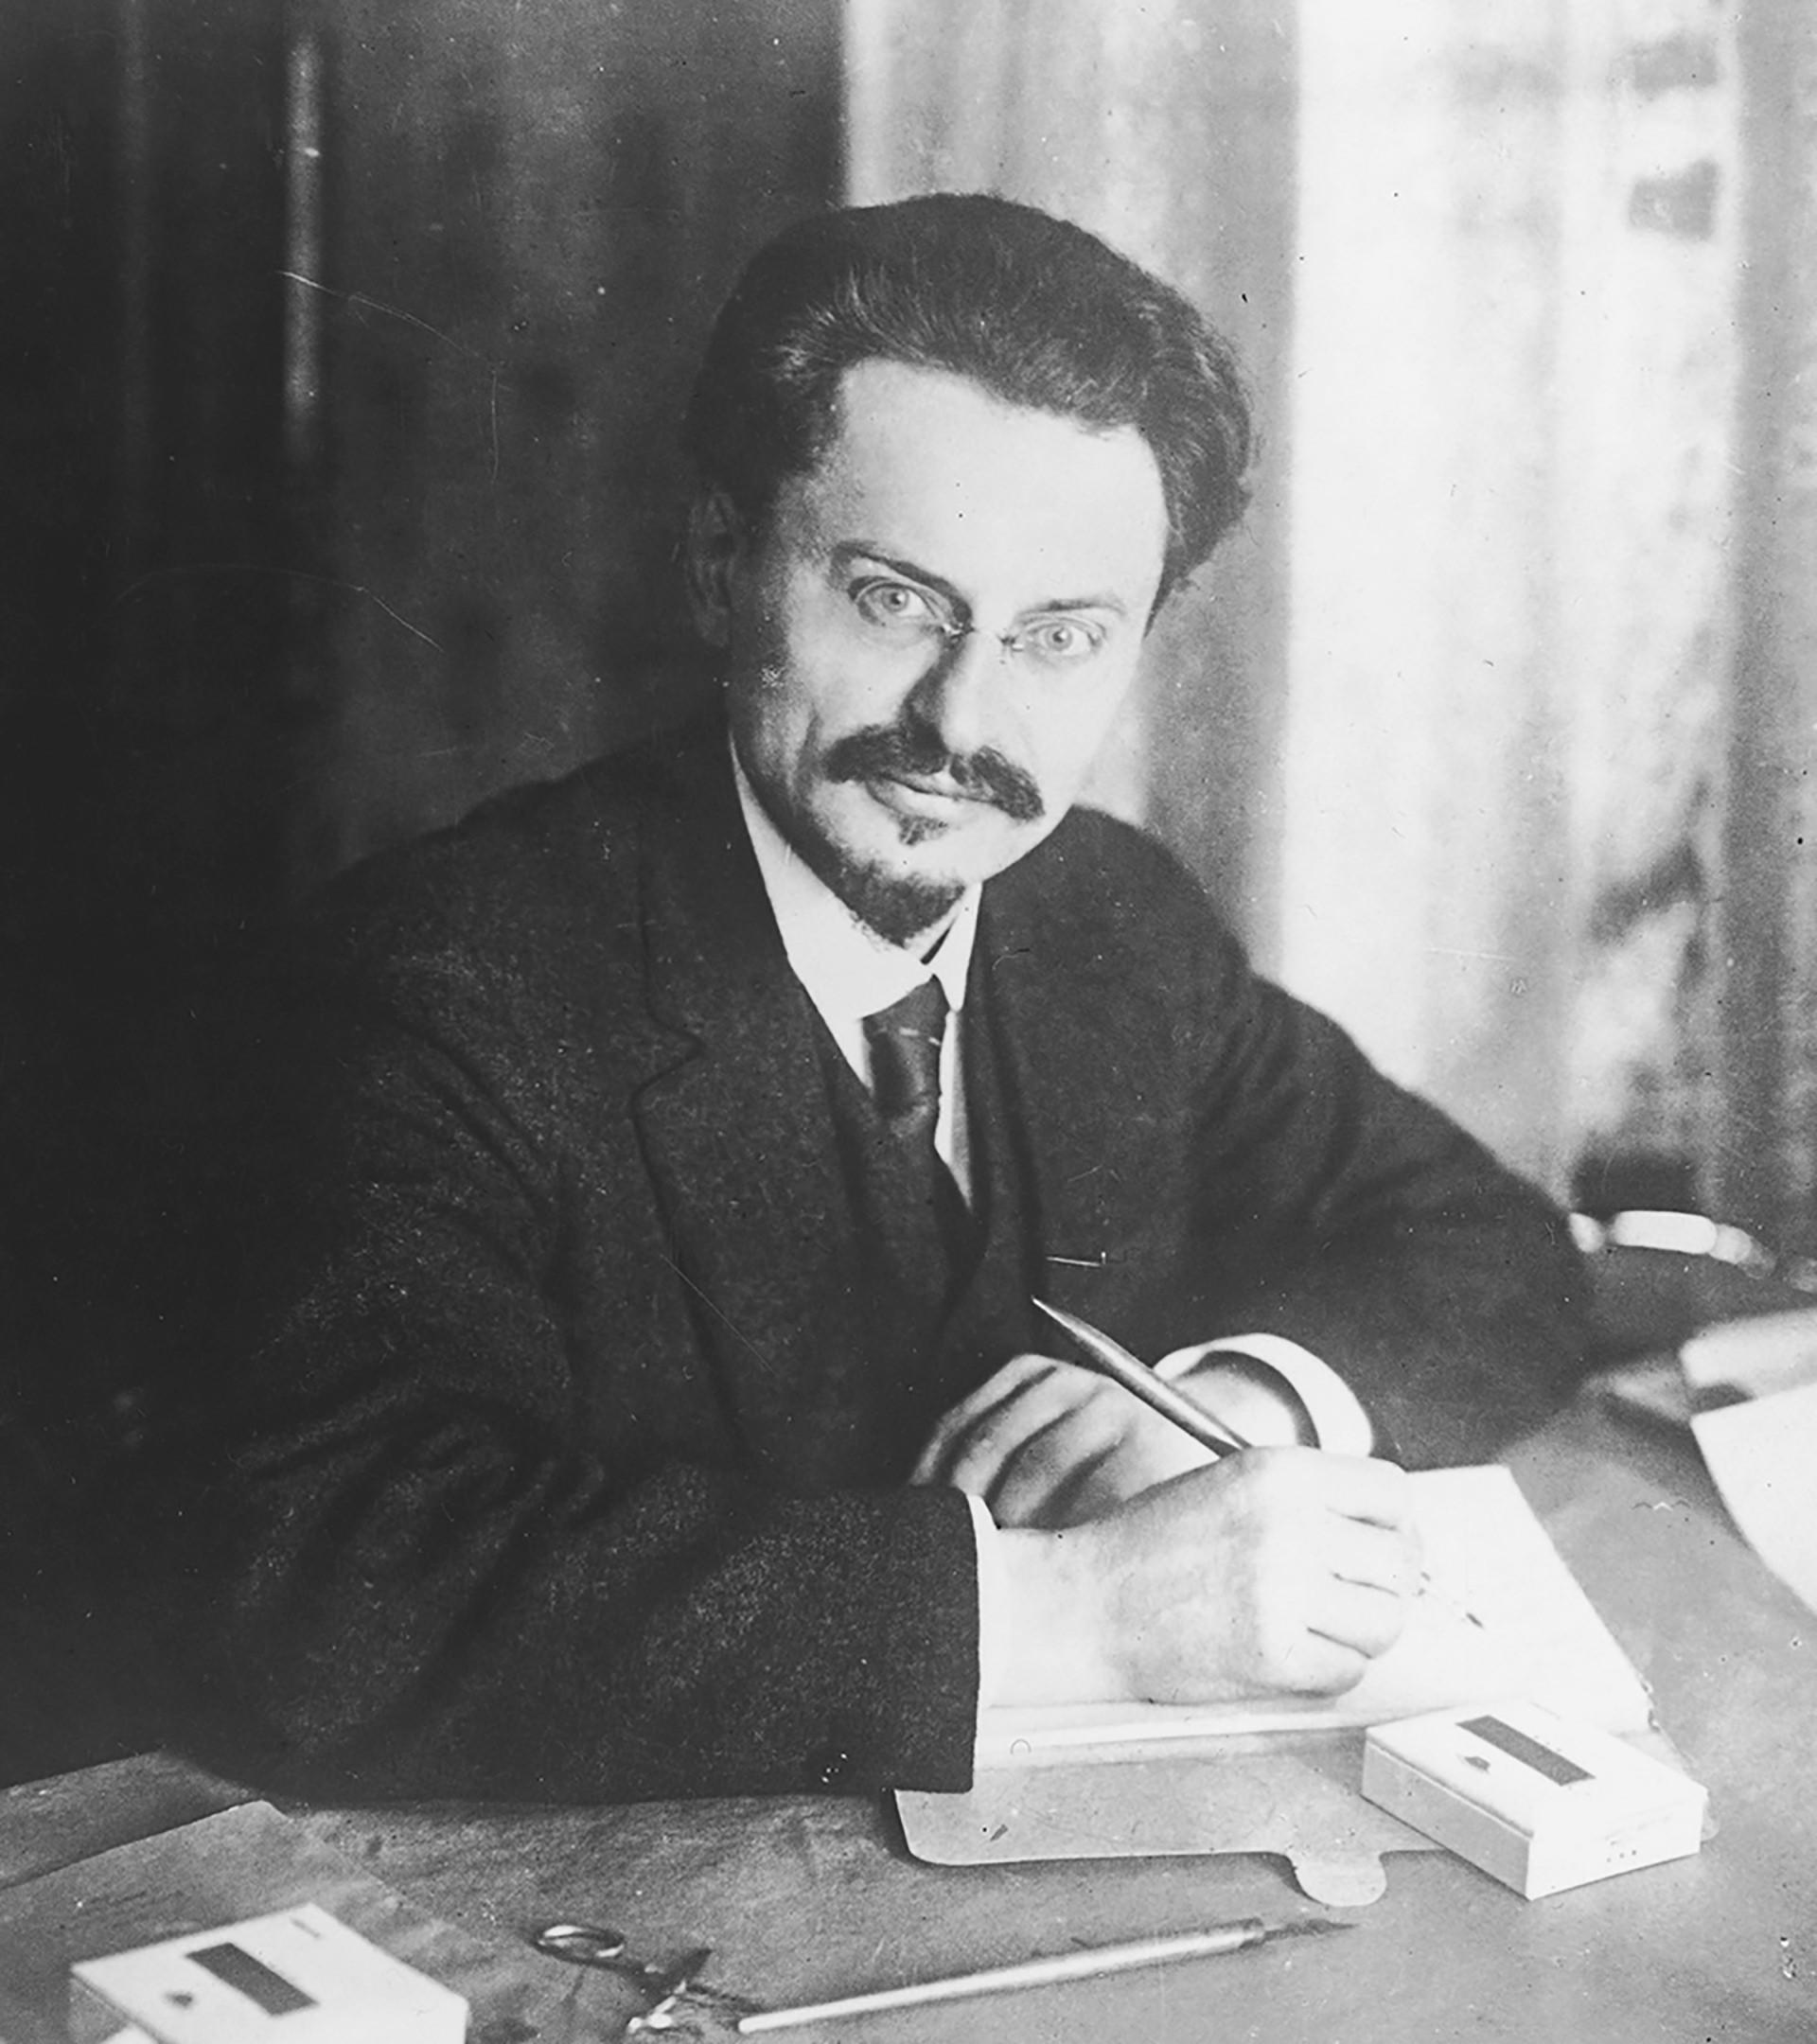 Sudoplatov juga merencanakan pembunuhan Trotsky, meneror kehidupan seorang Komunis tua di pengasingan.